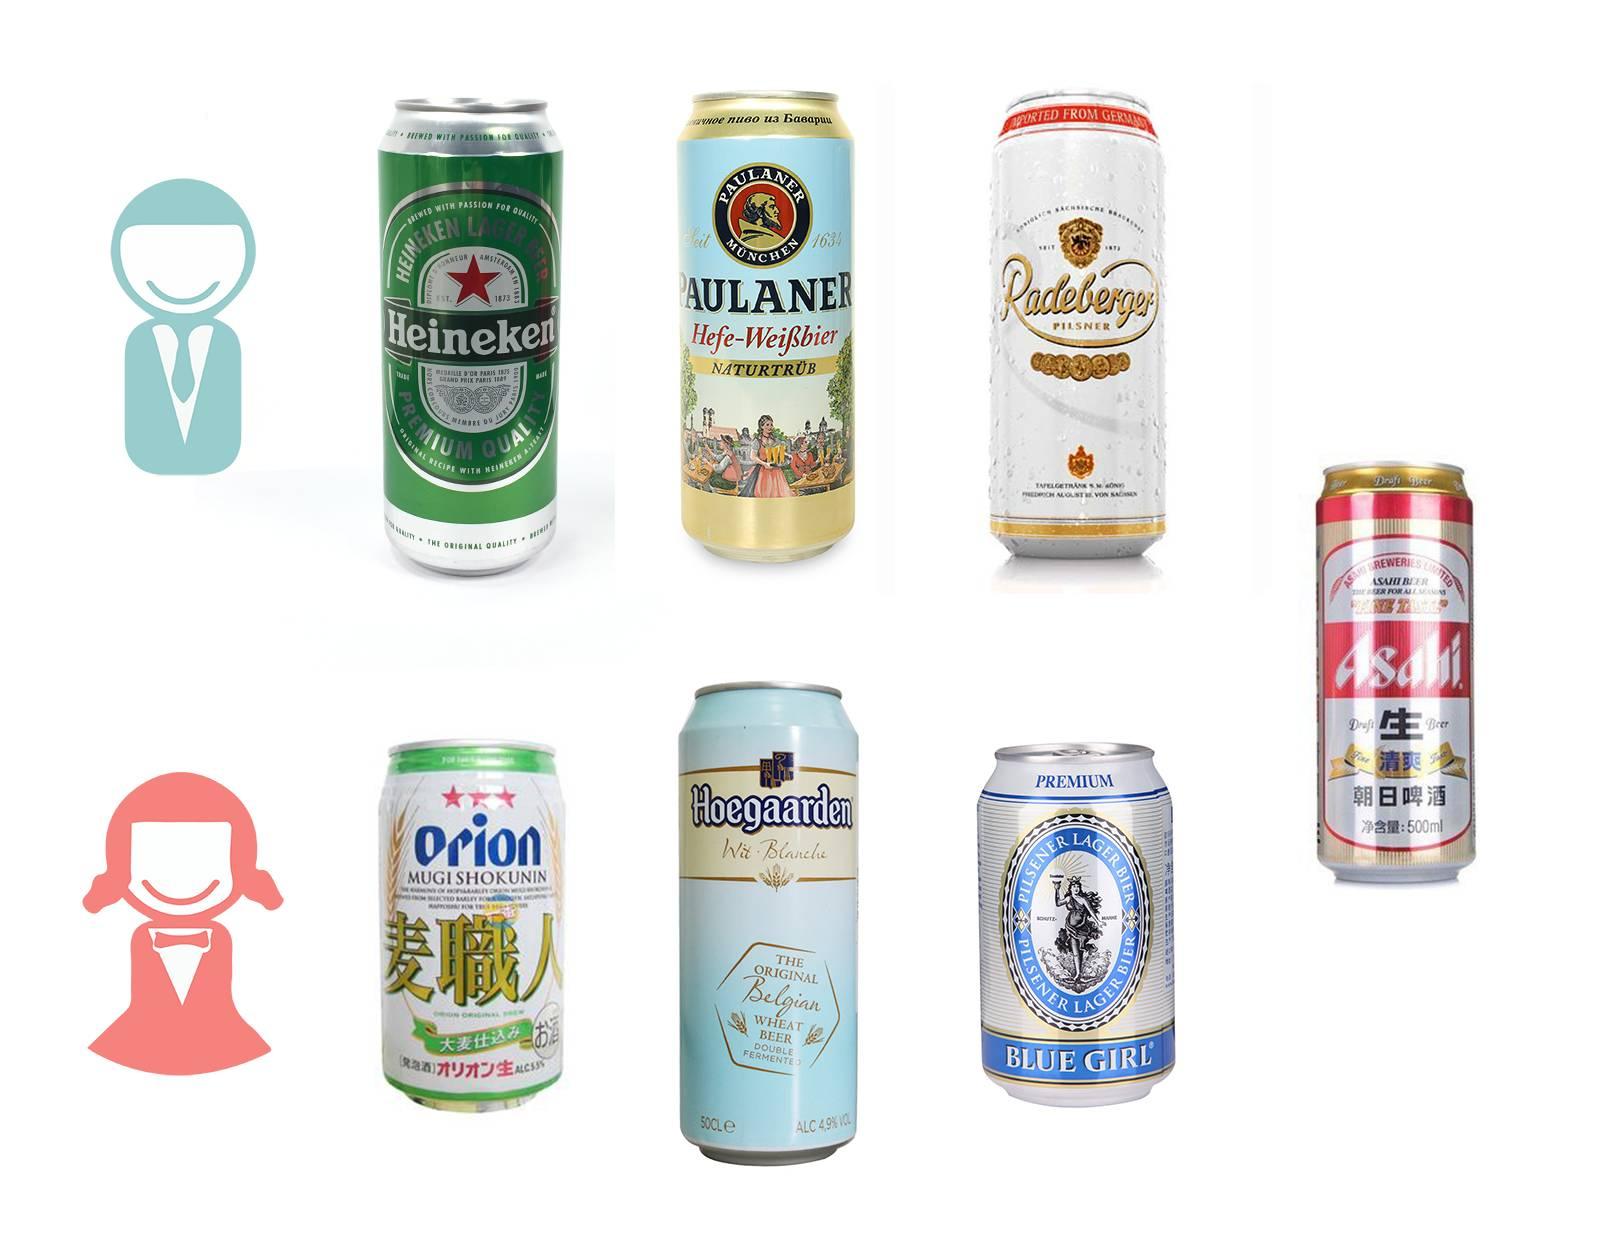 让觅食菌和小伙伴们喝嗨了 口味最佳的酒都在这里啦   还不快马克起来~   男生款   喜力全麦芽自然纯净啤酒   柏龙酵母型小麦啤酒   兰德博格皮尔森啤酒   朝日生啤酒清爽   女生款   奥利安麦职人啤酒   福佳白啤酒   蓝妹啤酒   朝日生啤酒清爽